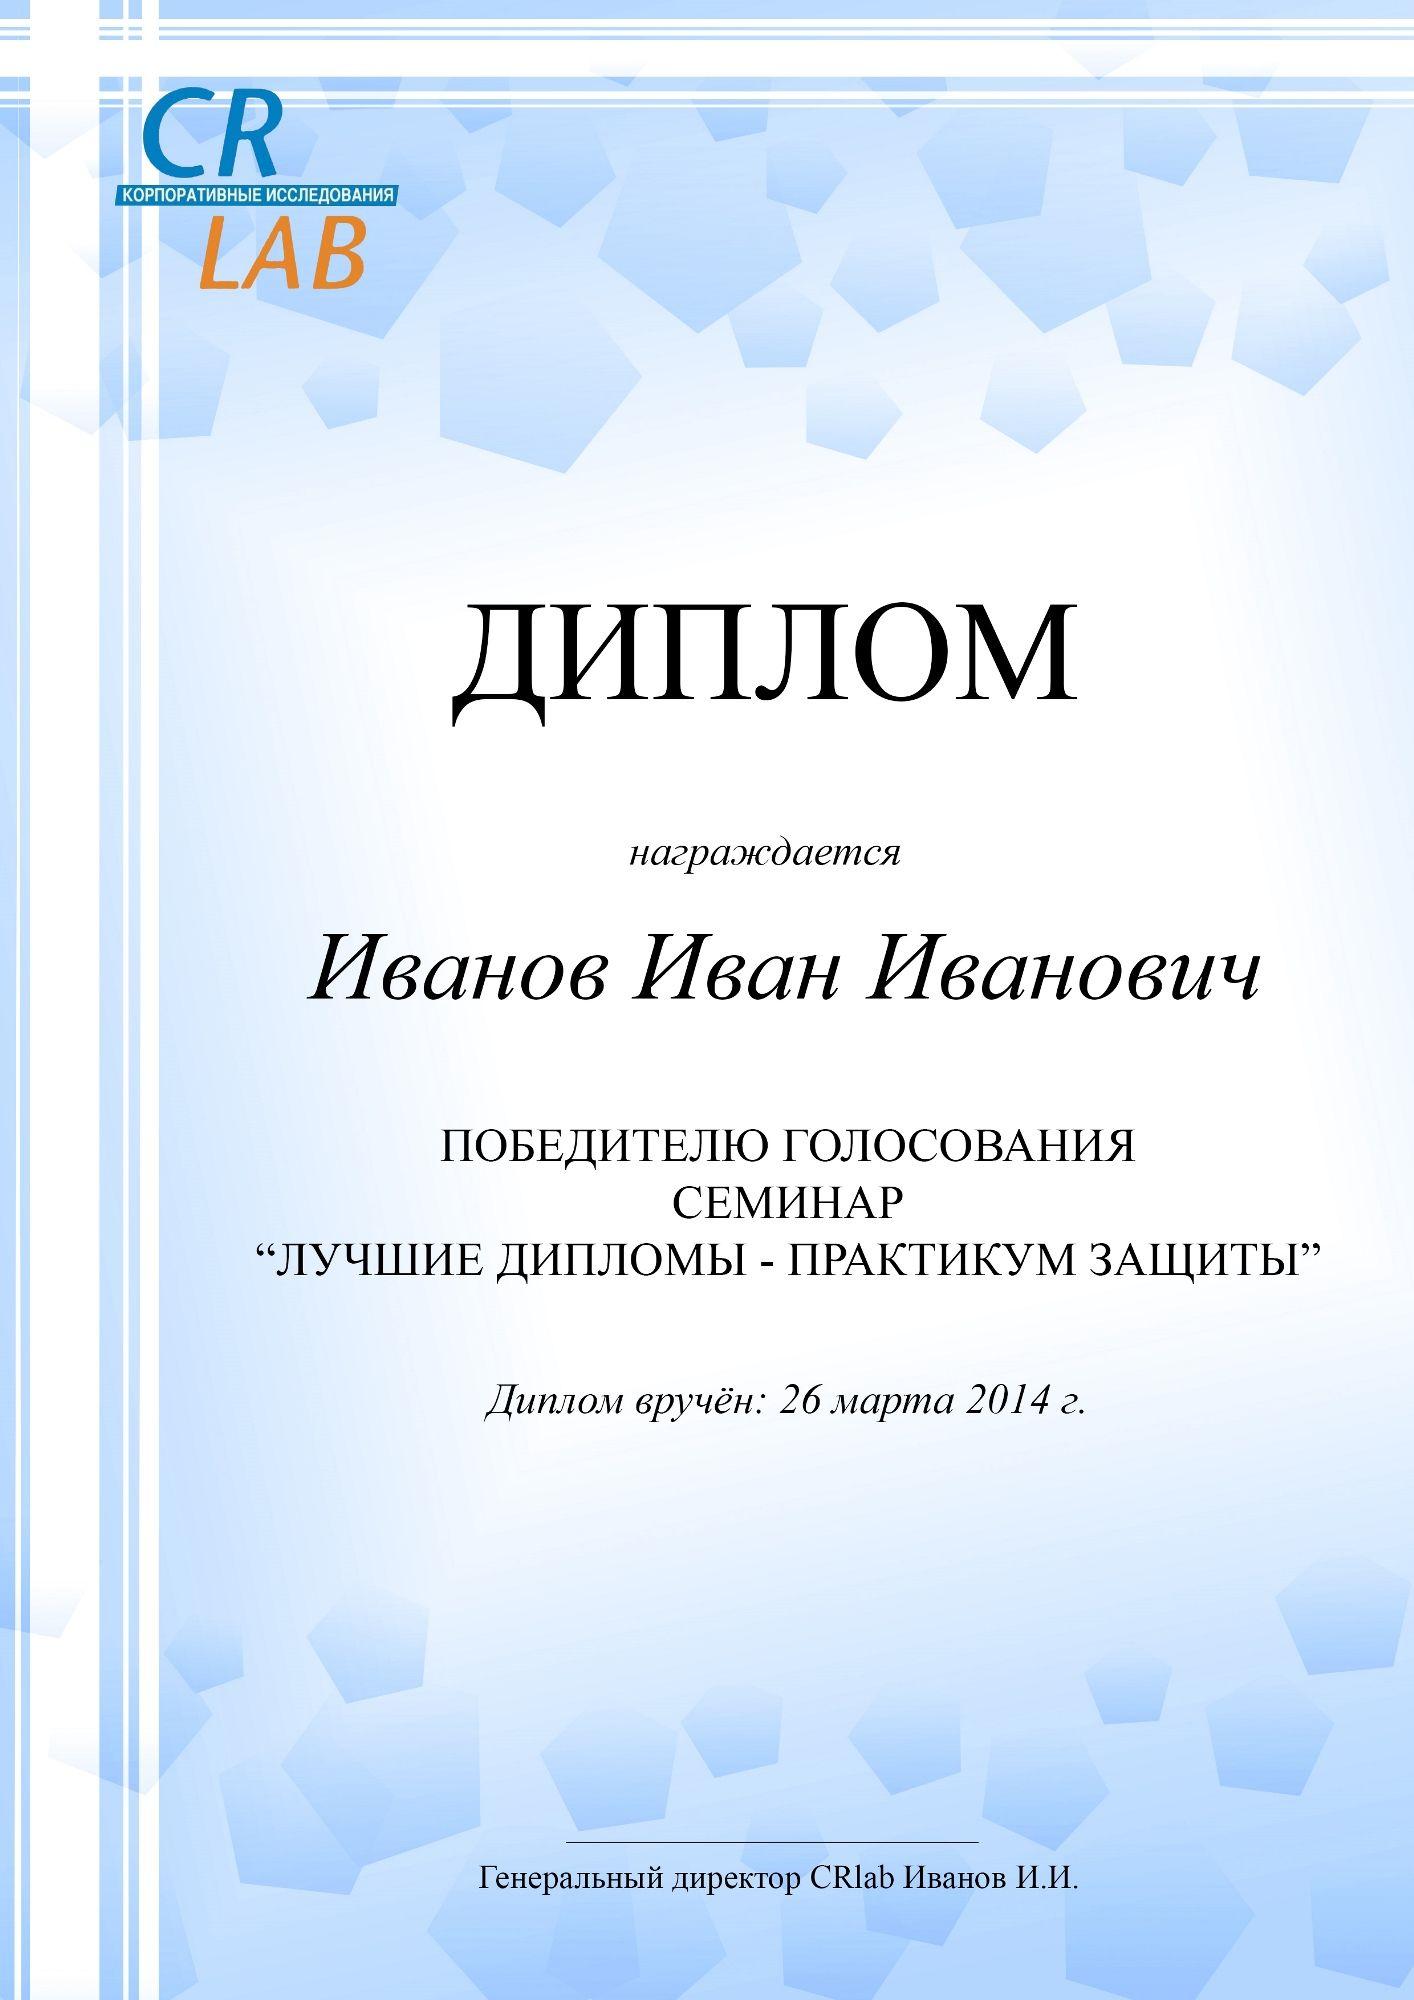 Дизайн сертификата диплома грамоты работа дизайнера sexposs Дизайн сертификата диплома грамоты дизайнер vegas66